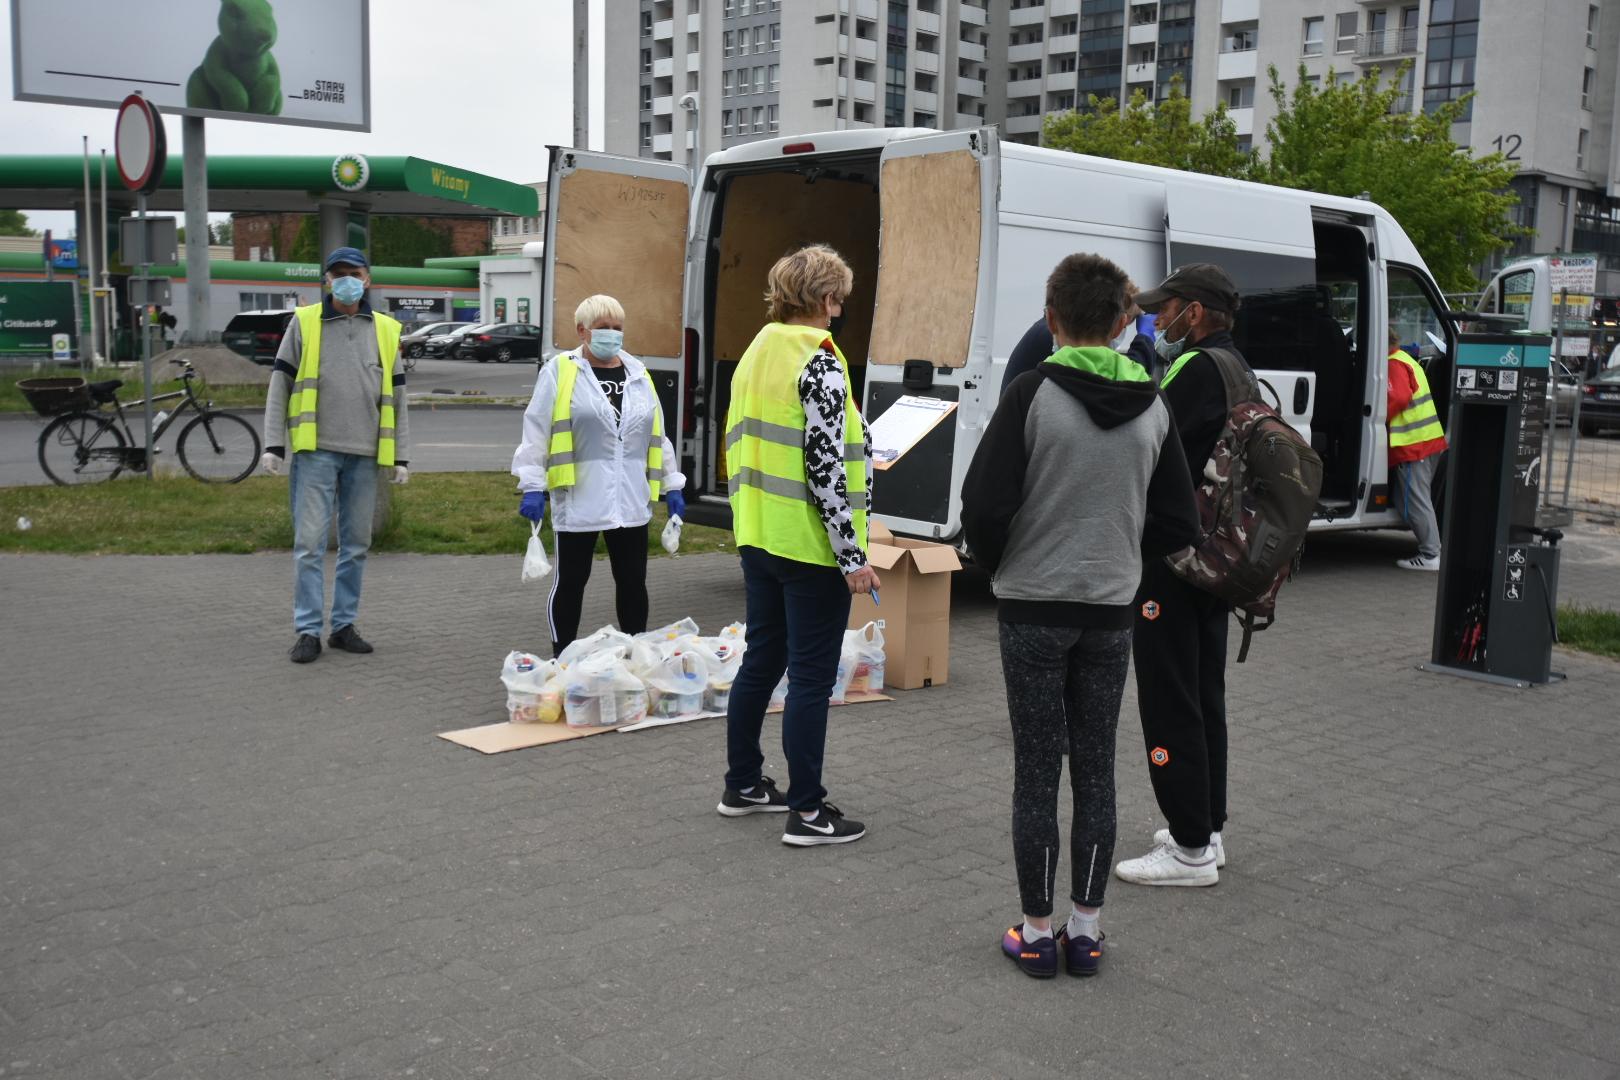 stowarzyszenie pogotowie społeczne pomoc bezdomnym - Wojtek Wardejn